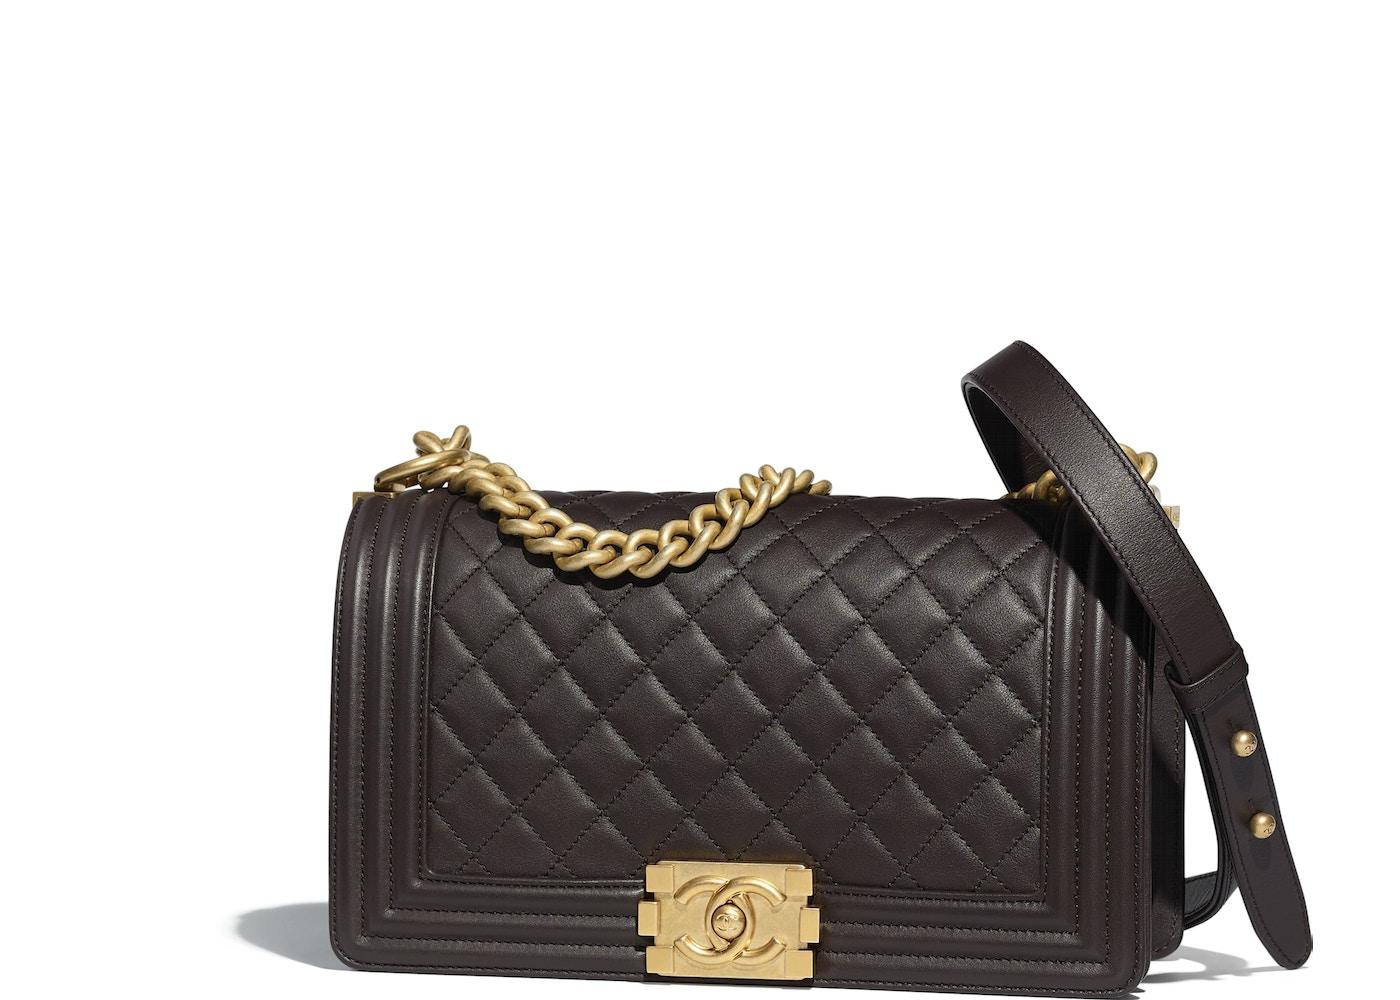 0f58dbf7d37d ... Chanel Boy Handbag Quilted Calfskin Brown